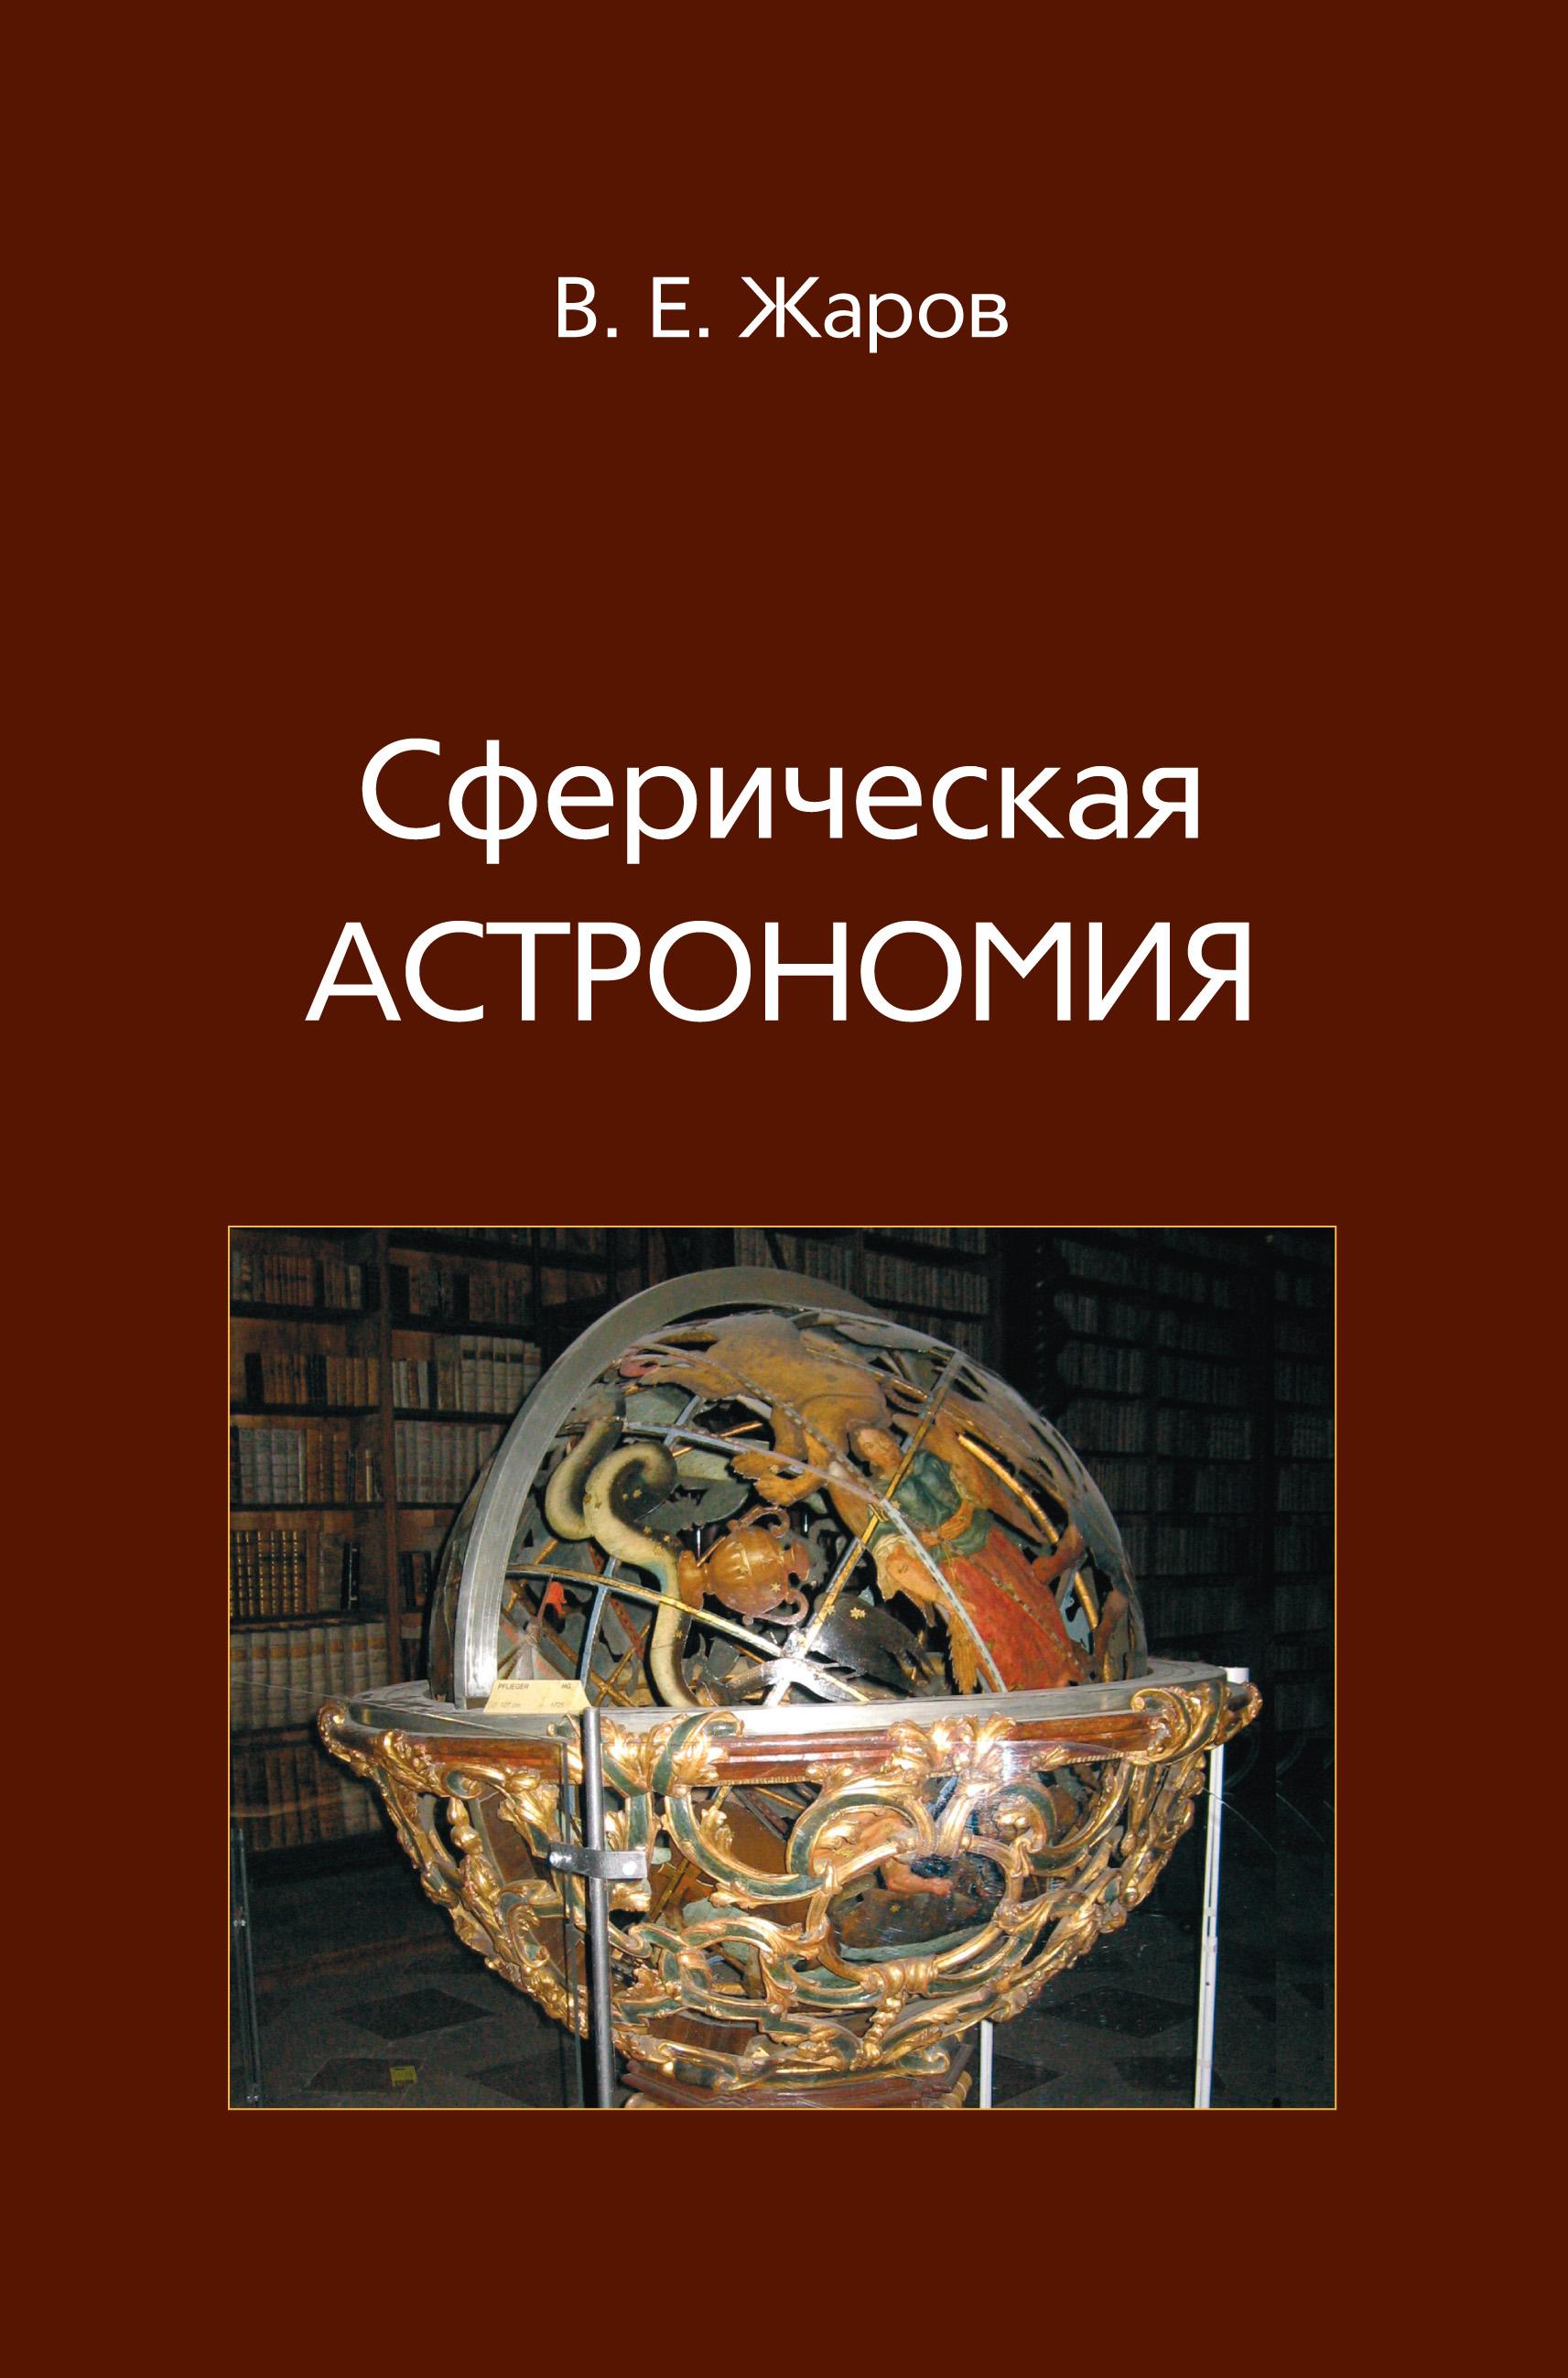 В. Е. Жаров Сферическая астрономия